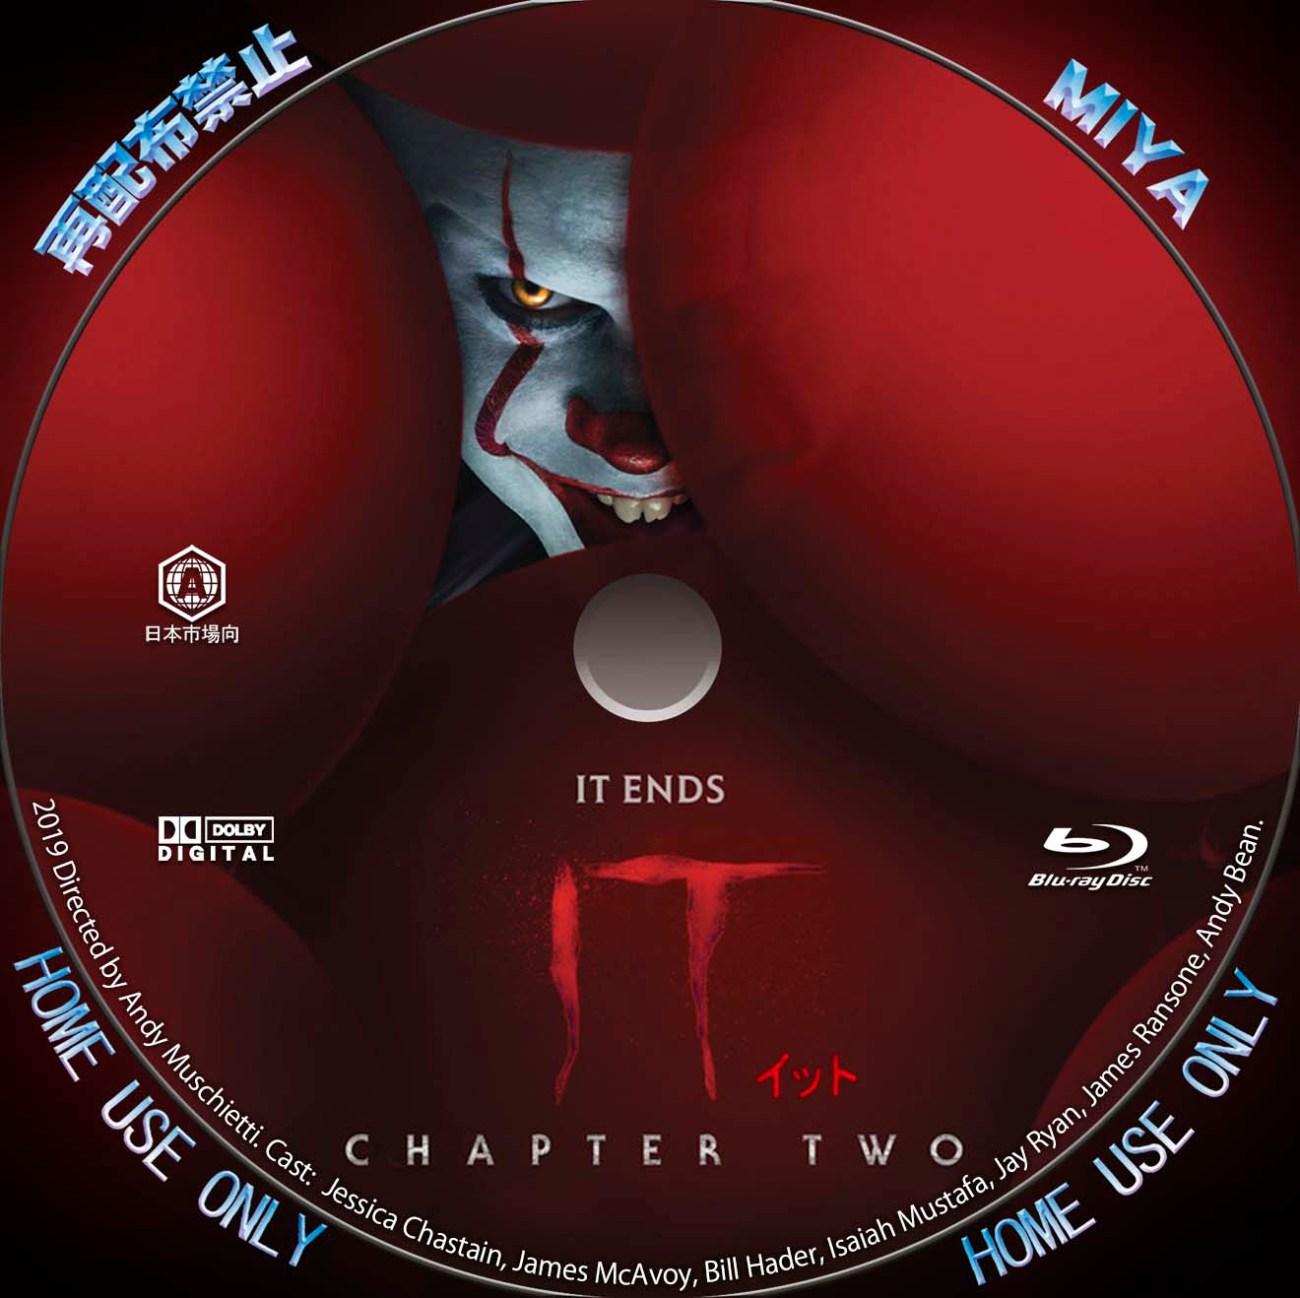 """IT イット THE END """"それ""""が見えたら、終わり。Blu-rayラベル"""